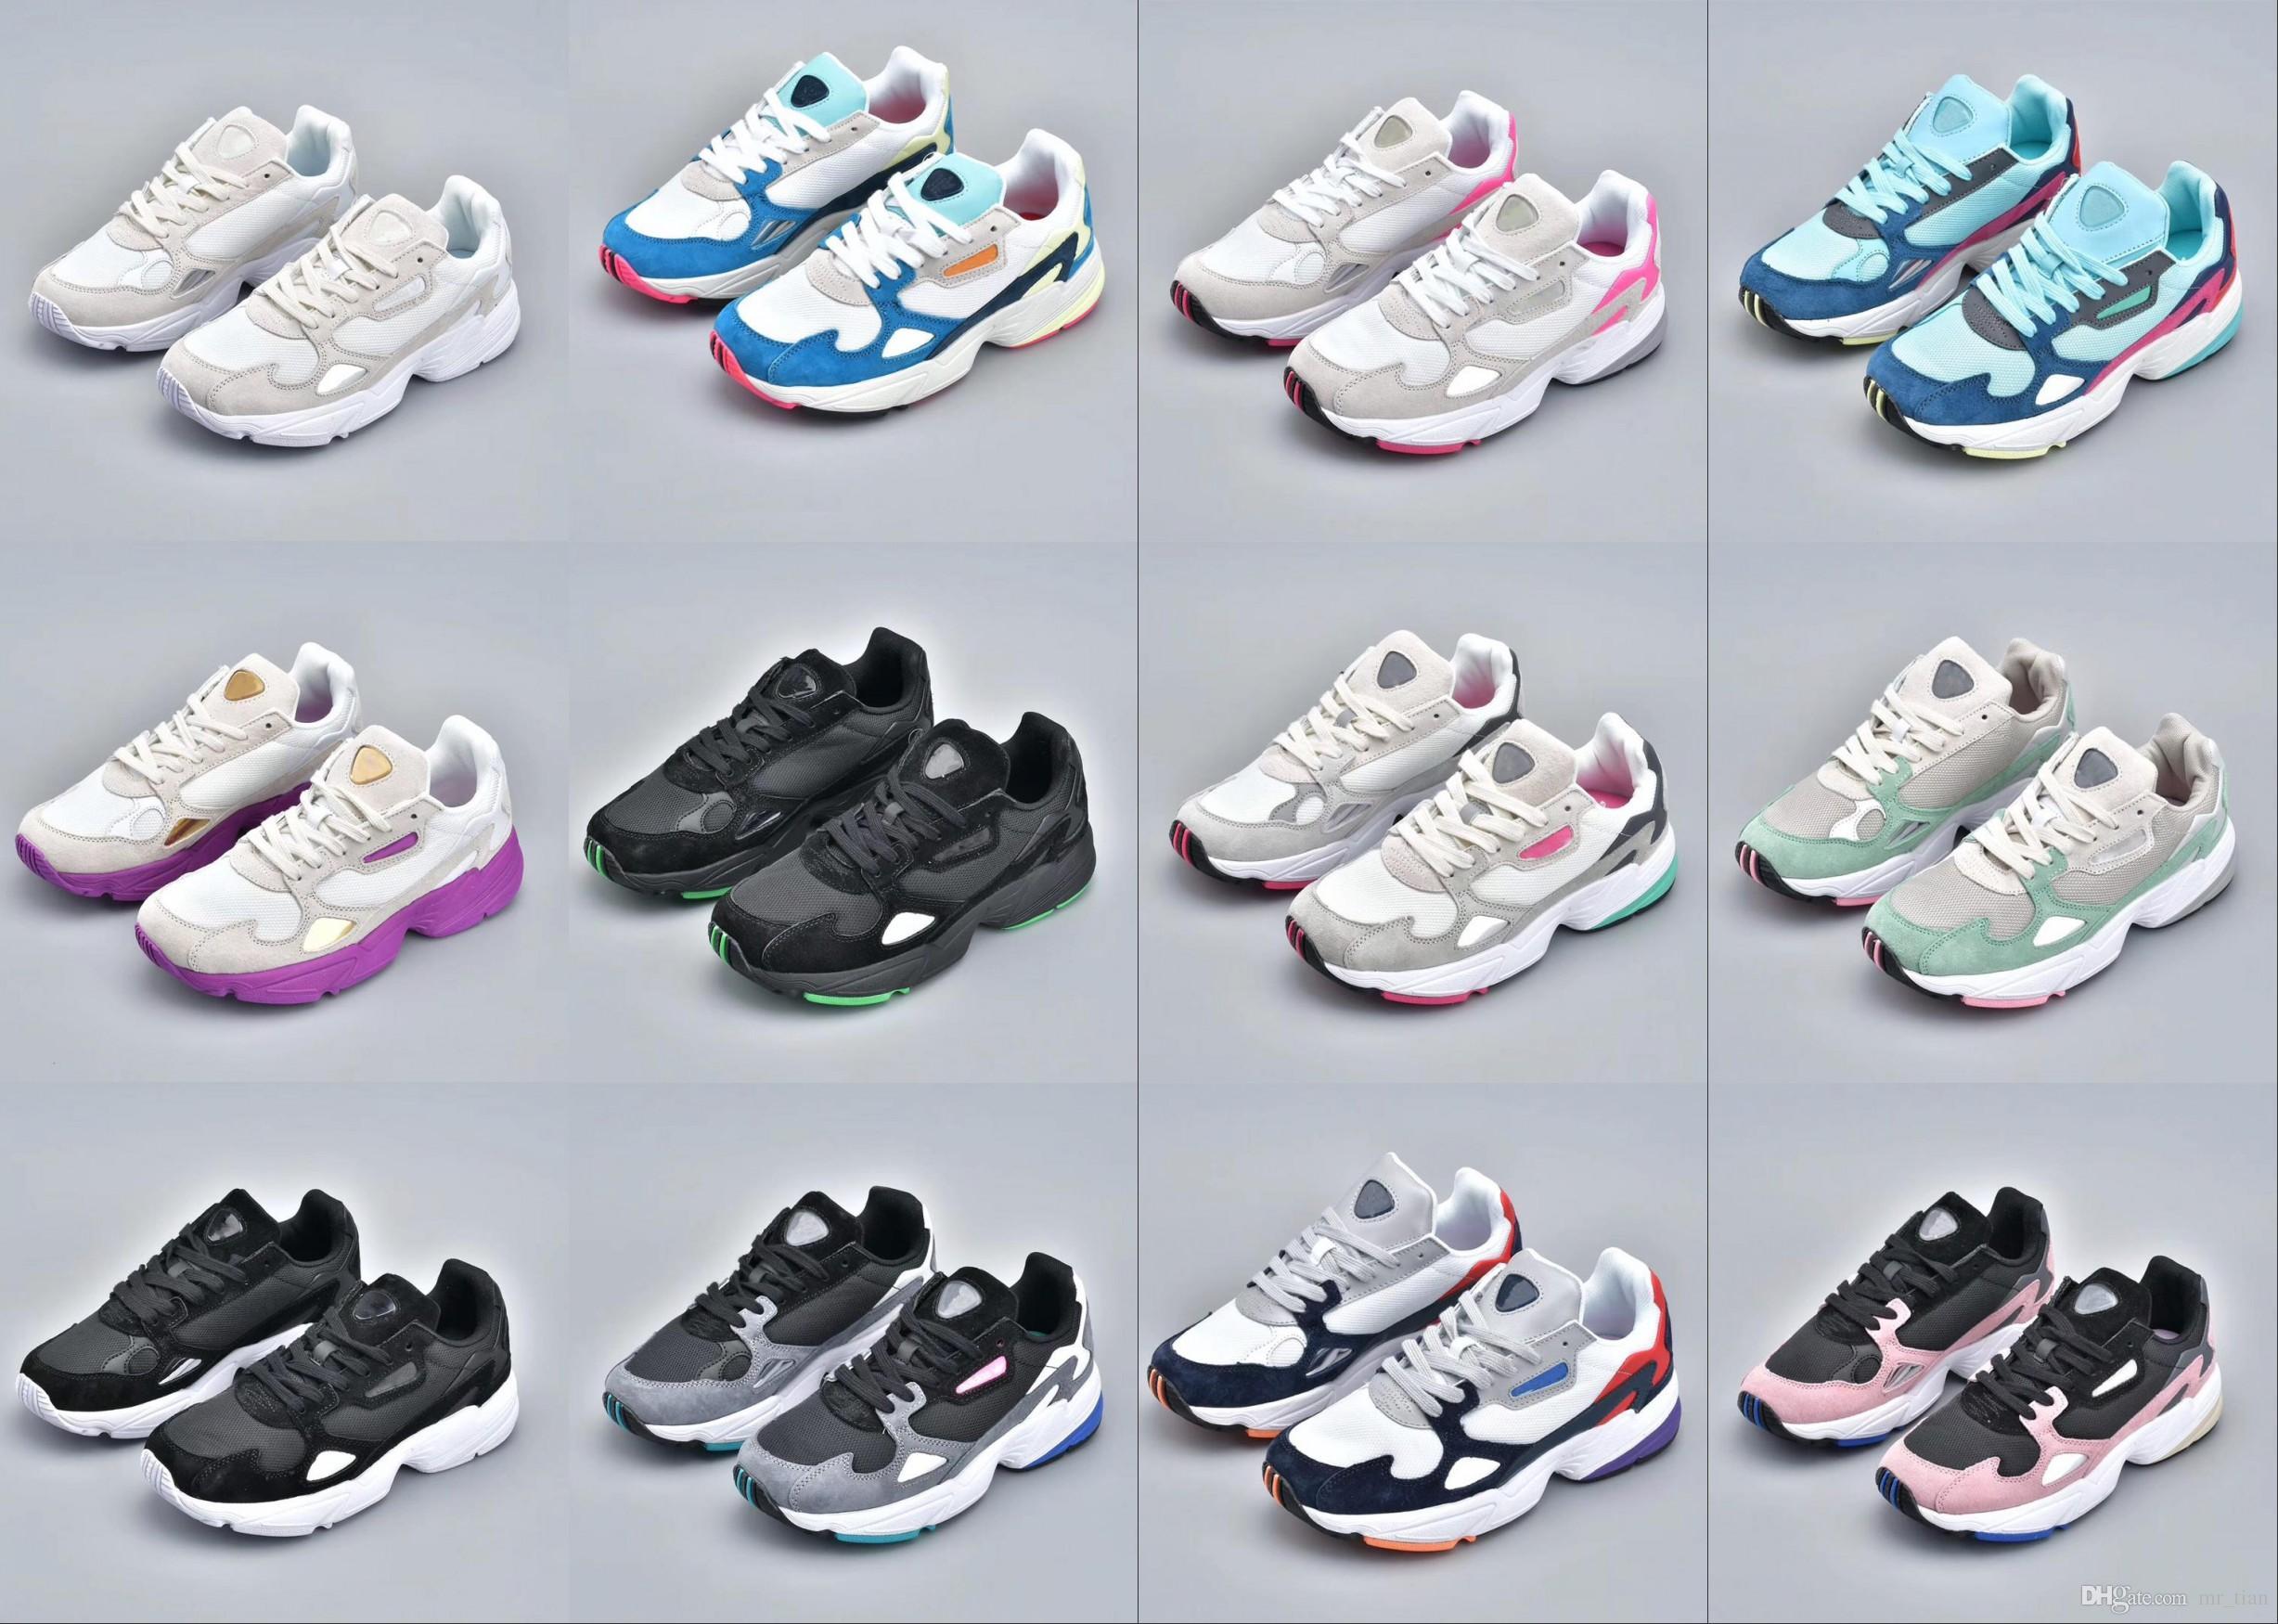 outlet store 1af70 e17b7 Adidas Falcon W Running Shoes 2019 NUEVOS Zapatos Para Correr De Alta  Calidad FALCON W Para Hombres Y Mujeres, Zapatos Deportivos De Moda Para  Niños De EE.